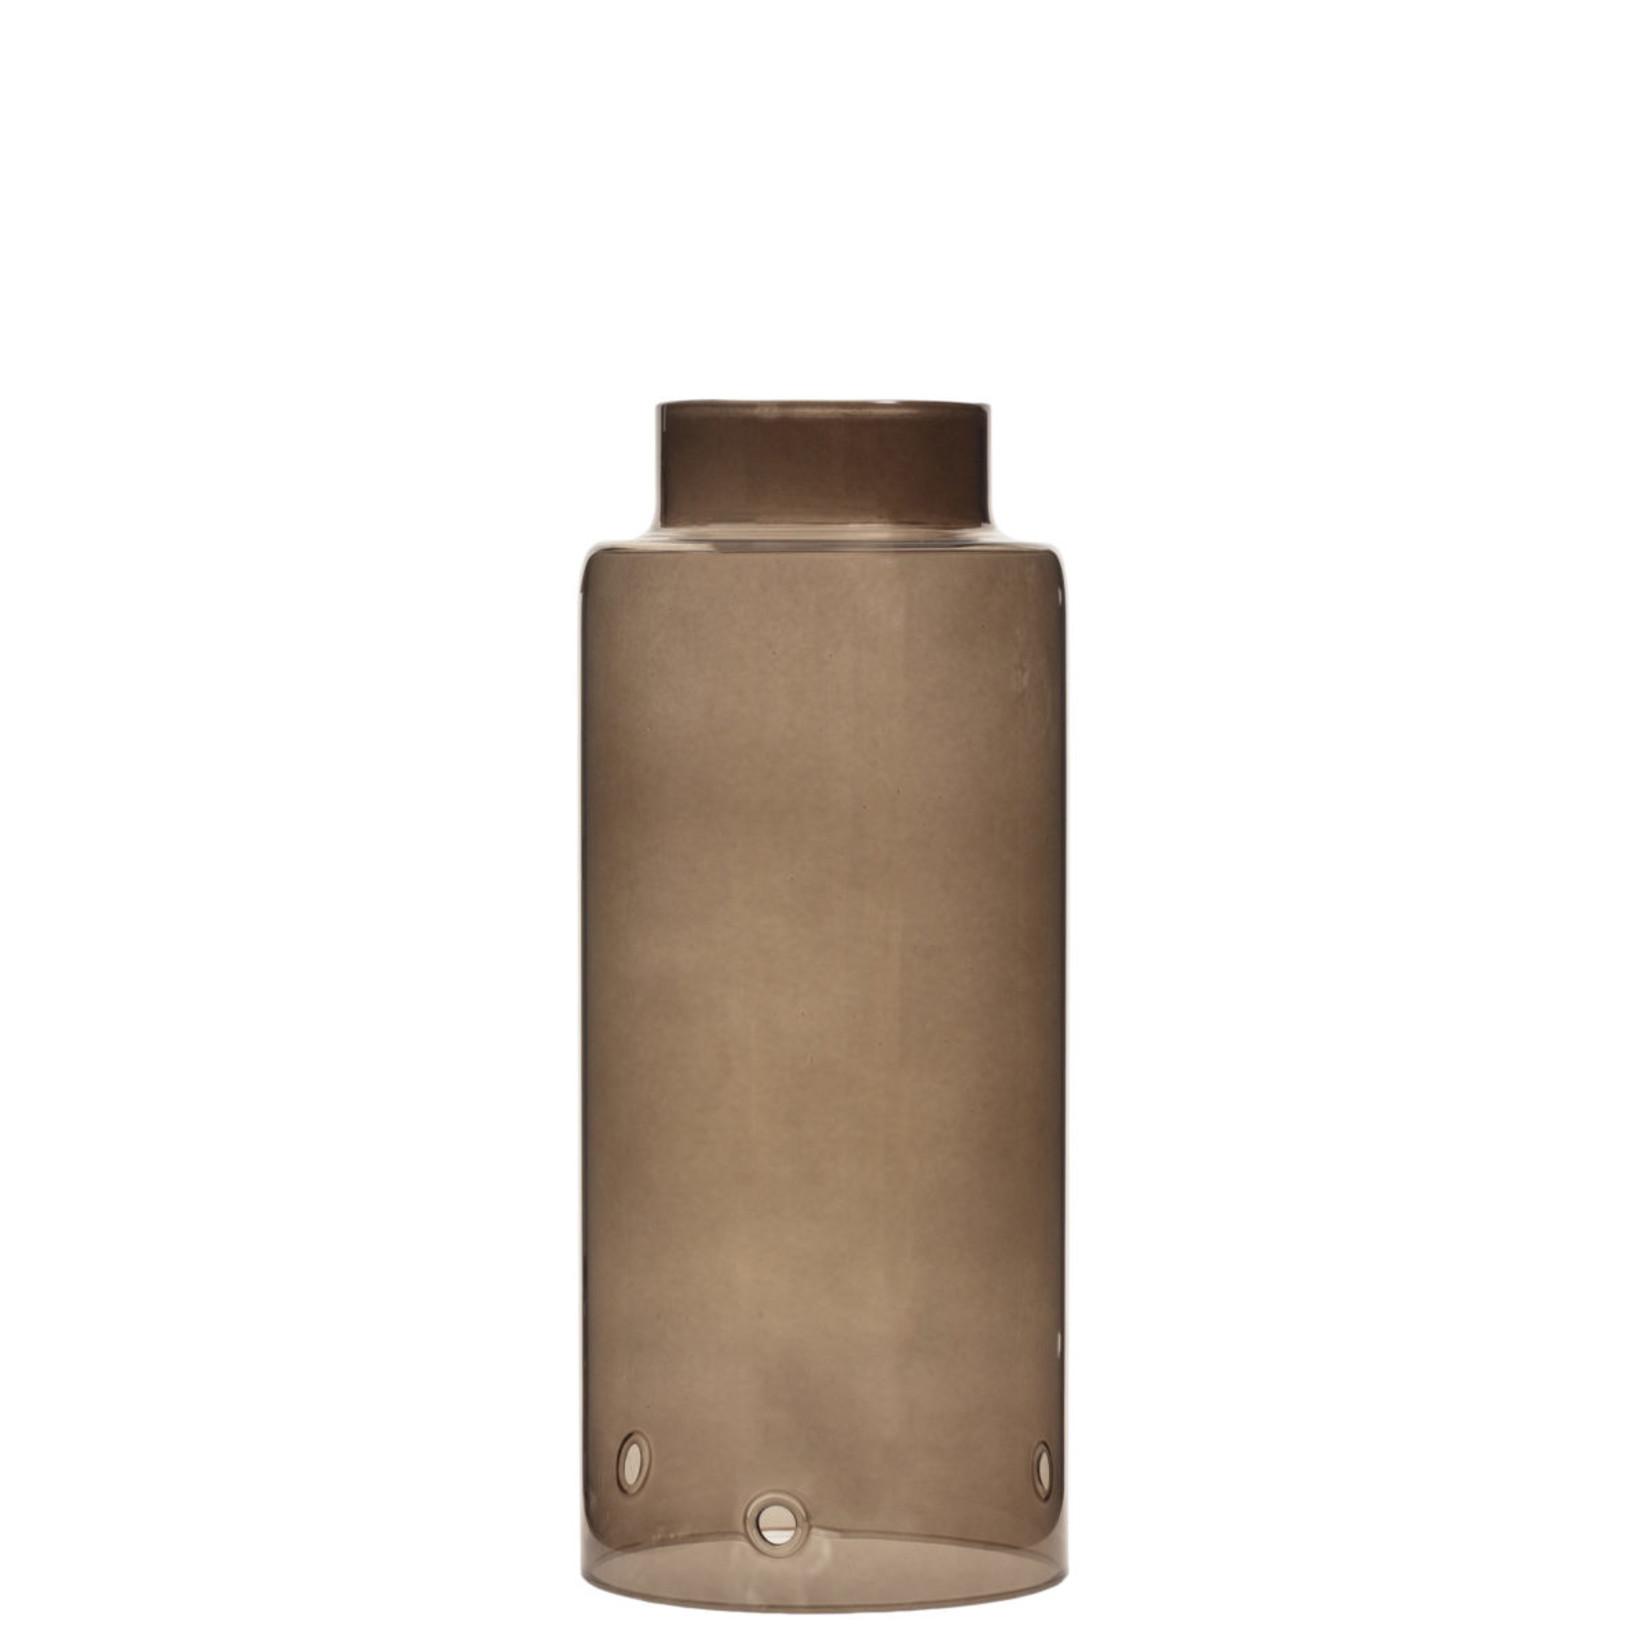 Storefactory  Glaszylinder braun für Stormkerzenständer